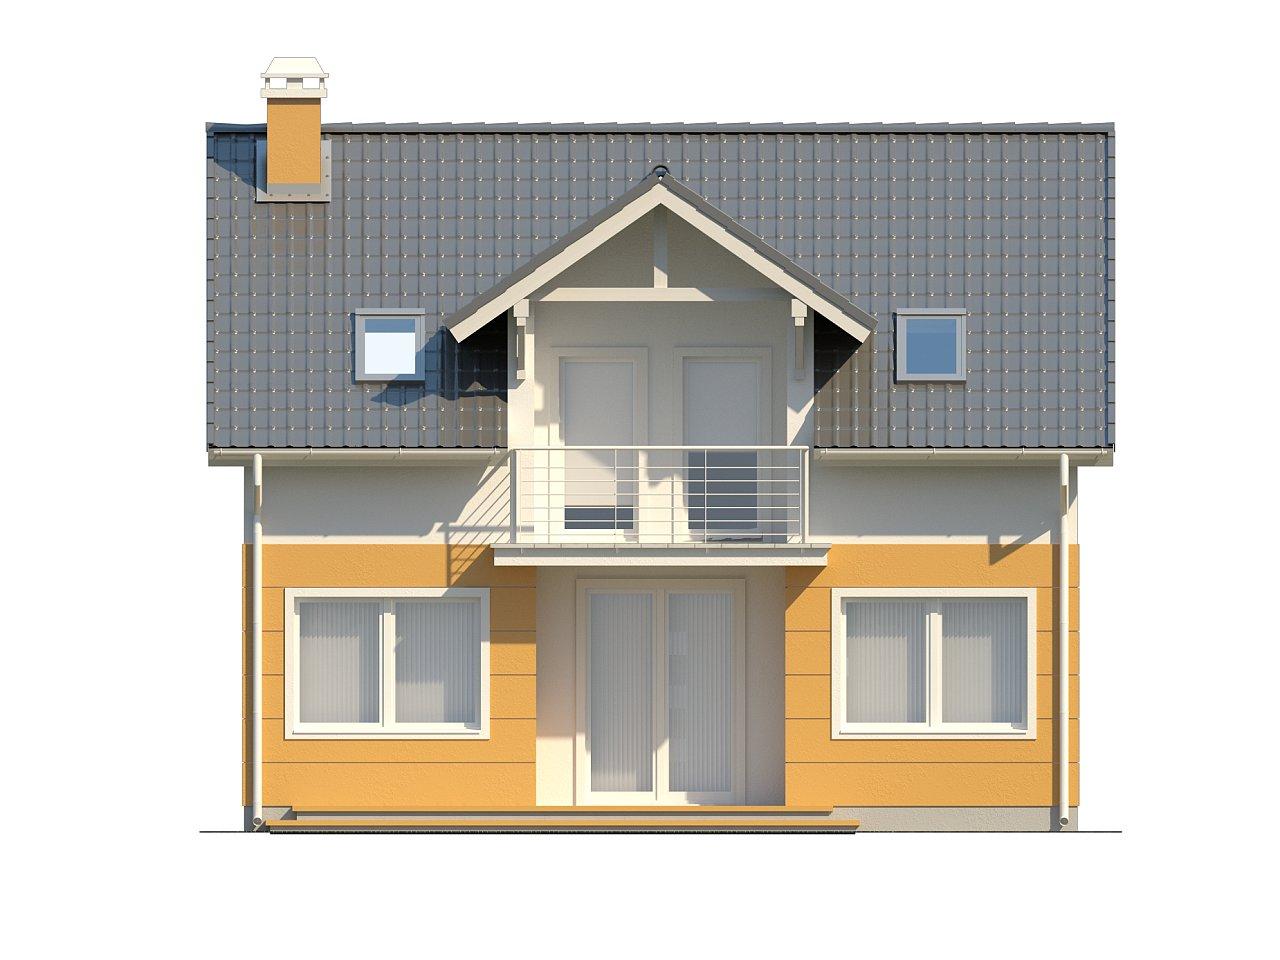 Стильный дом с мансардным окном и балконом, а также кухней со стороны сада. 4